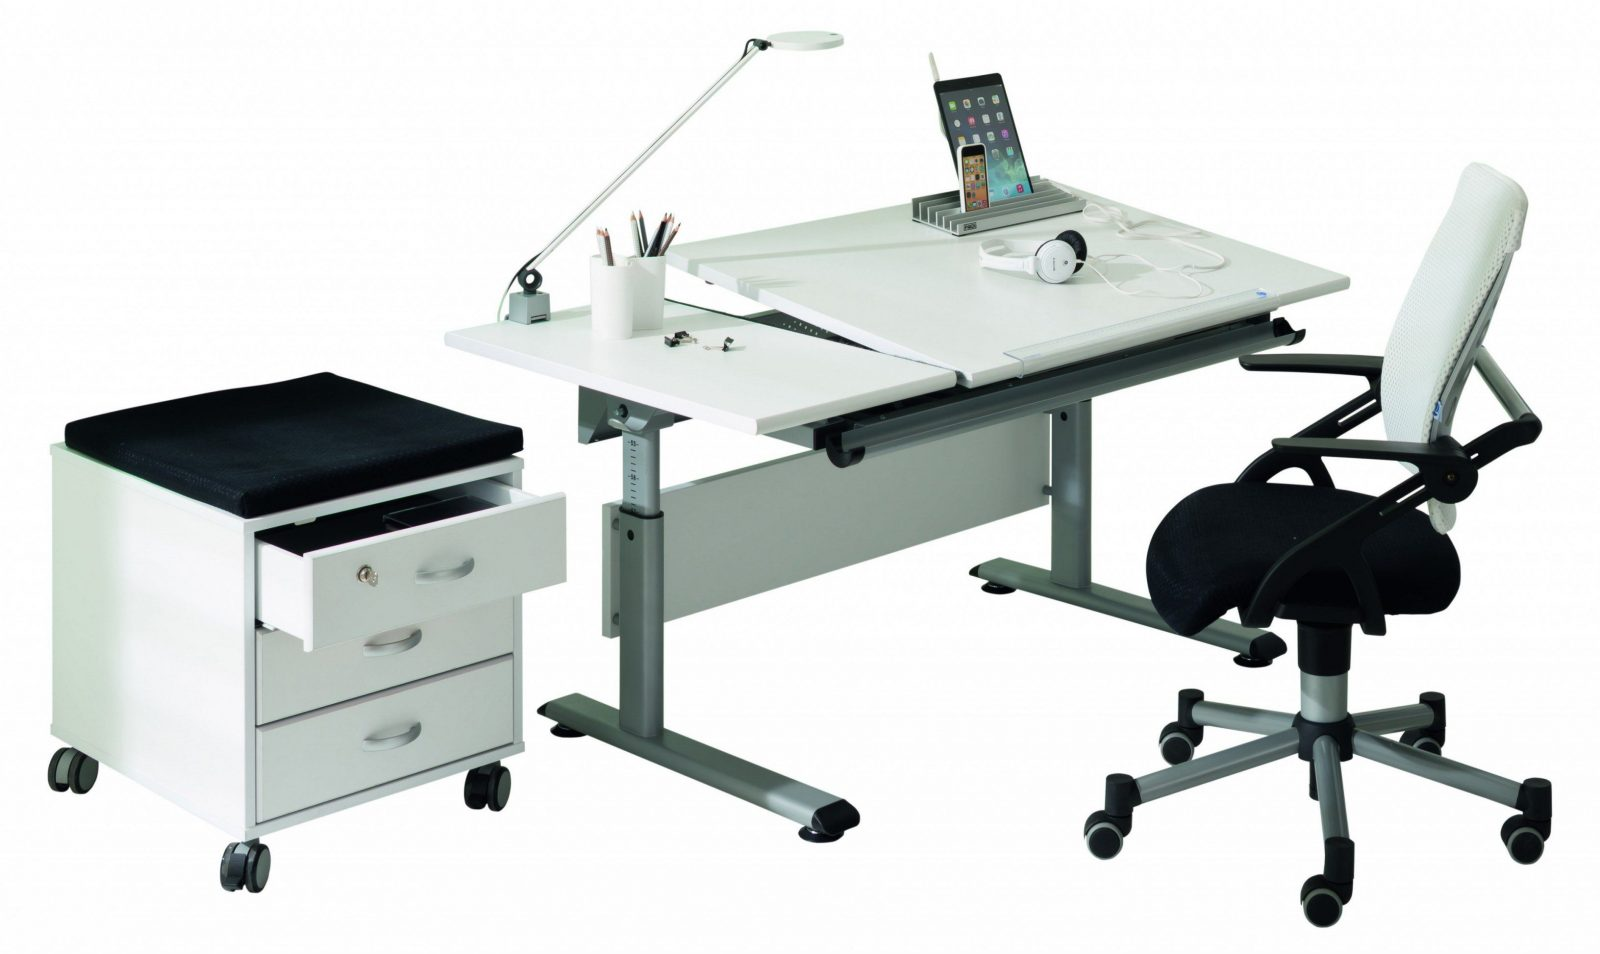 Paidi Marco 2 130 Gt Schreibtisch Weiß  Platte Geteilt  Möbel Letz von Paidi Marco 2 Gt Photo